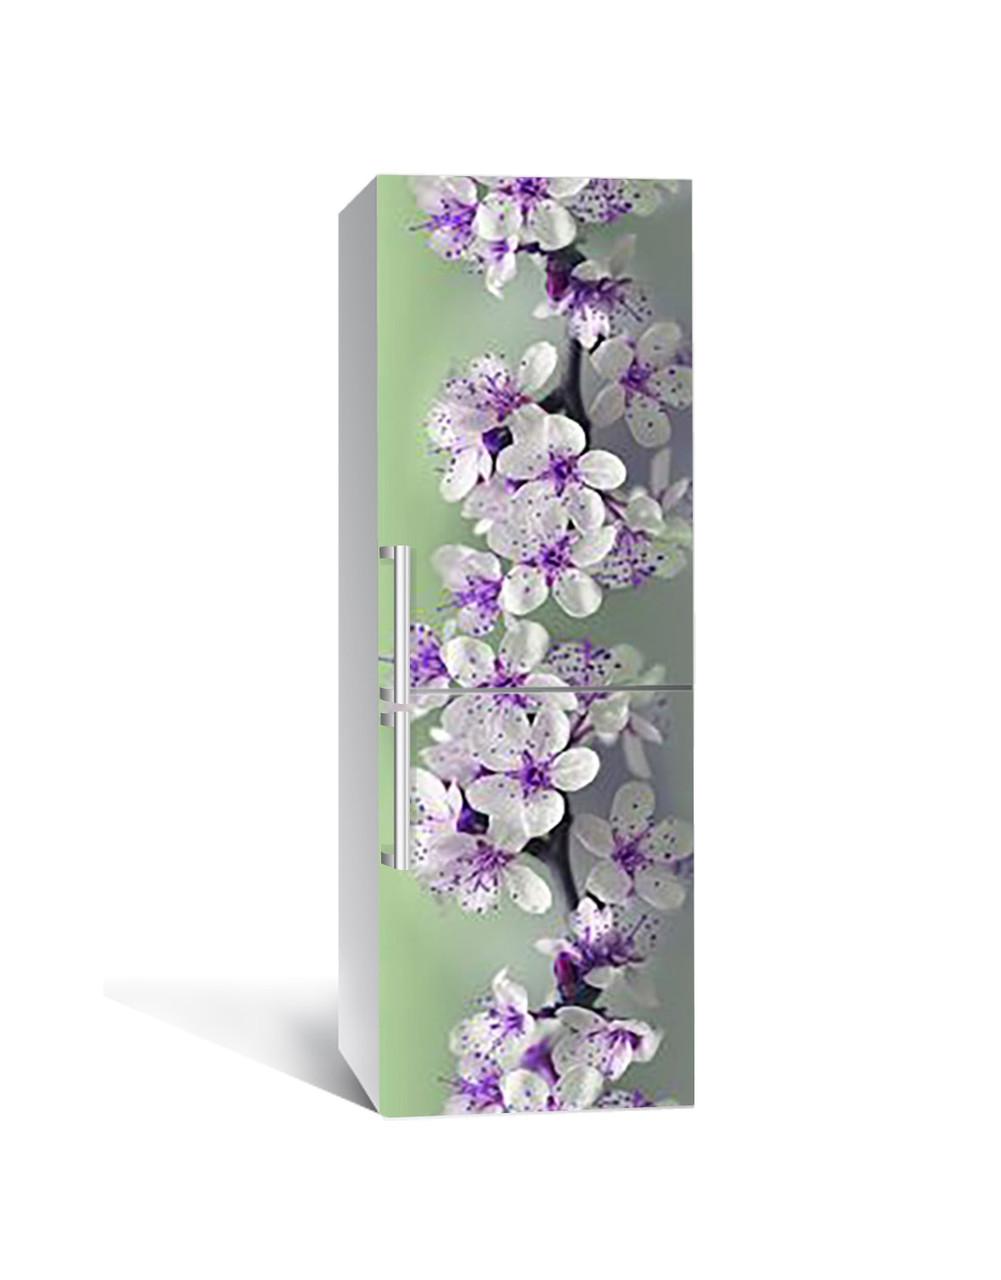 Виниловая 3Д наклейка на холодильник Весеннее цветение (самоклеющаяся пленка ПВХ) Цветы вишни Фиолетовый 650*2000 мм